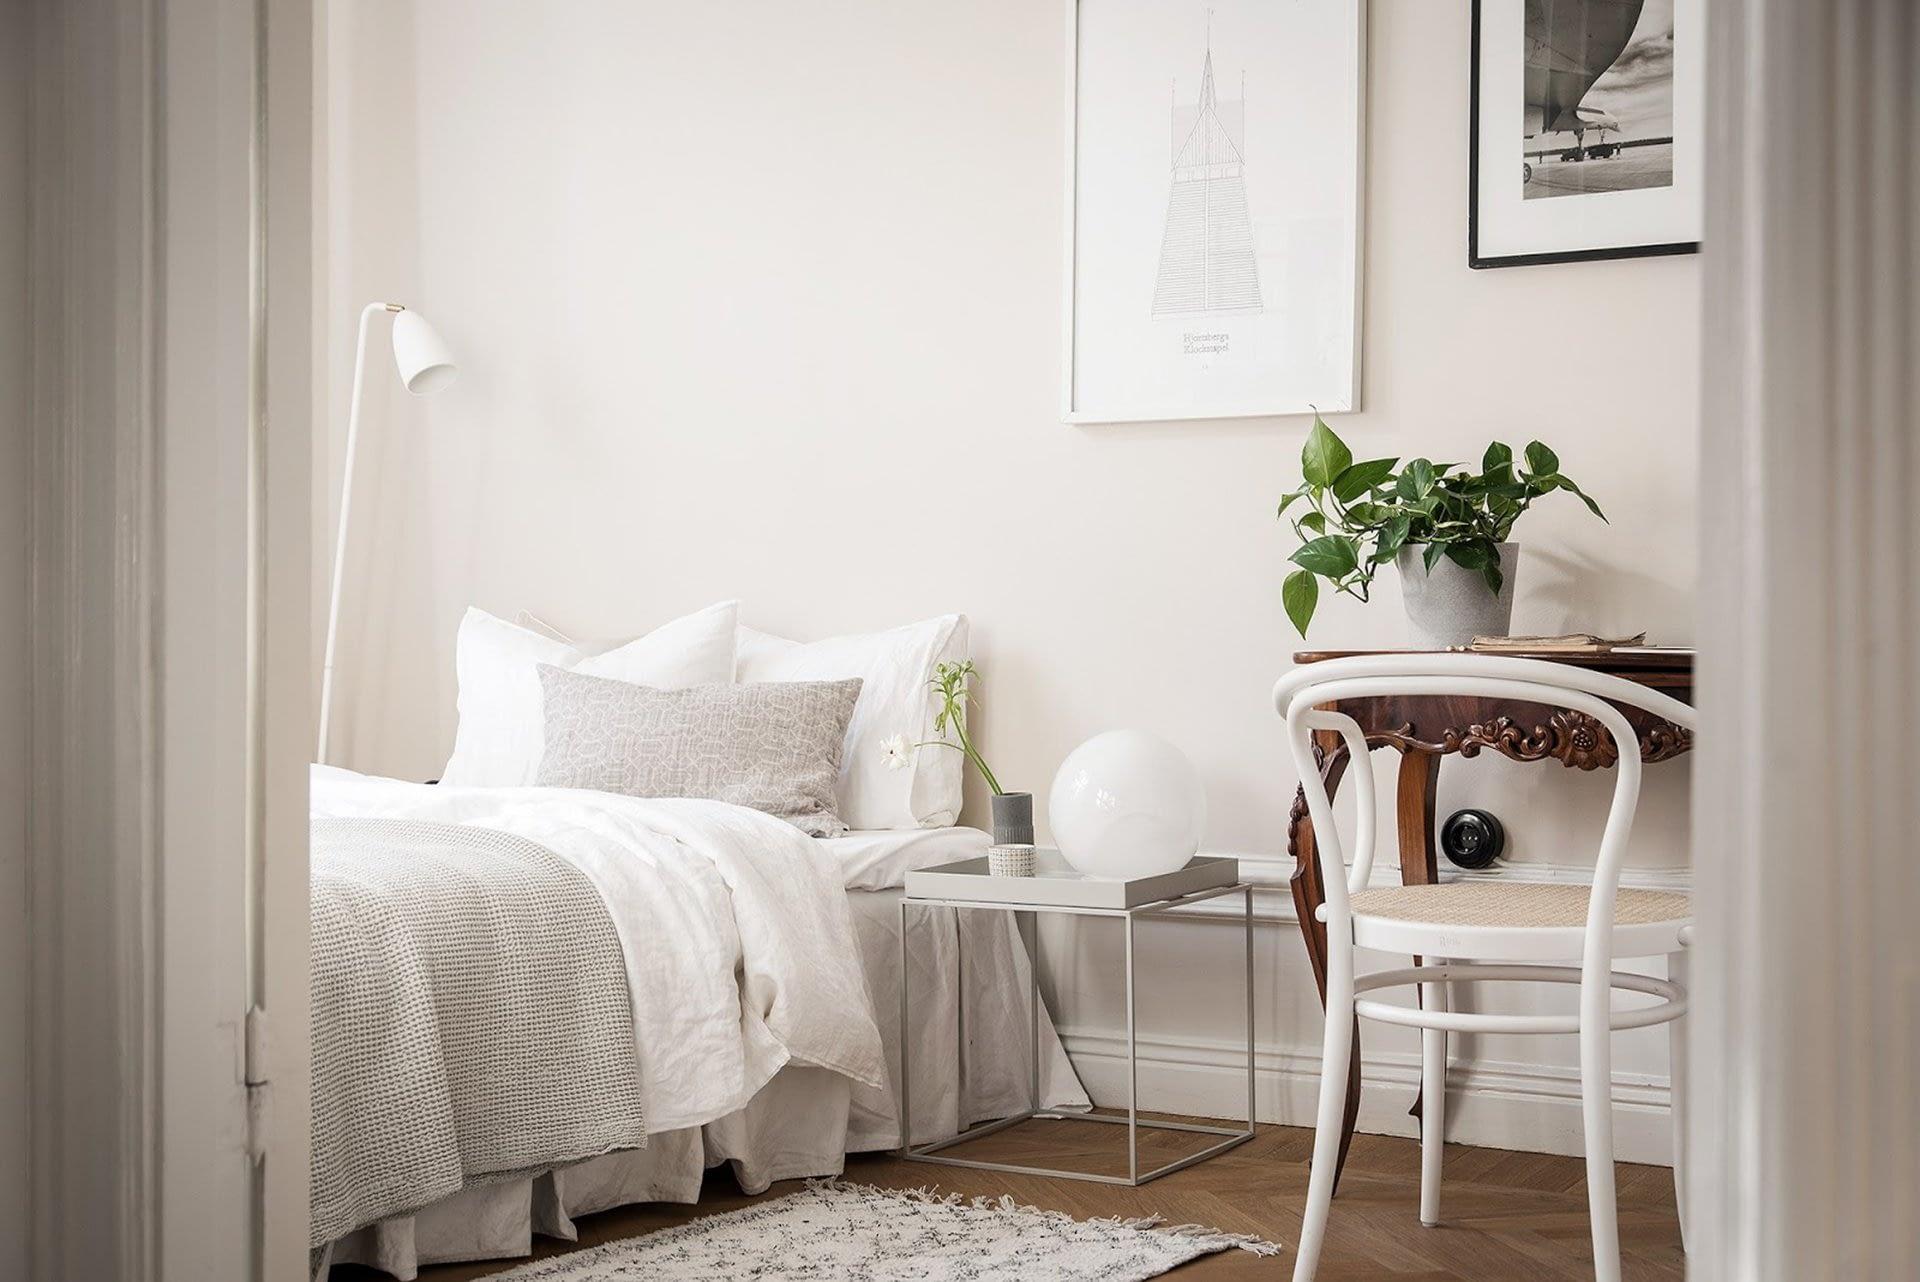 Amenajare scandinava in tonuri naturale de culoare intr-un apartament de 43 mp. 15